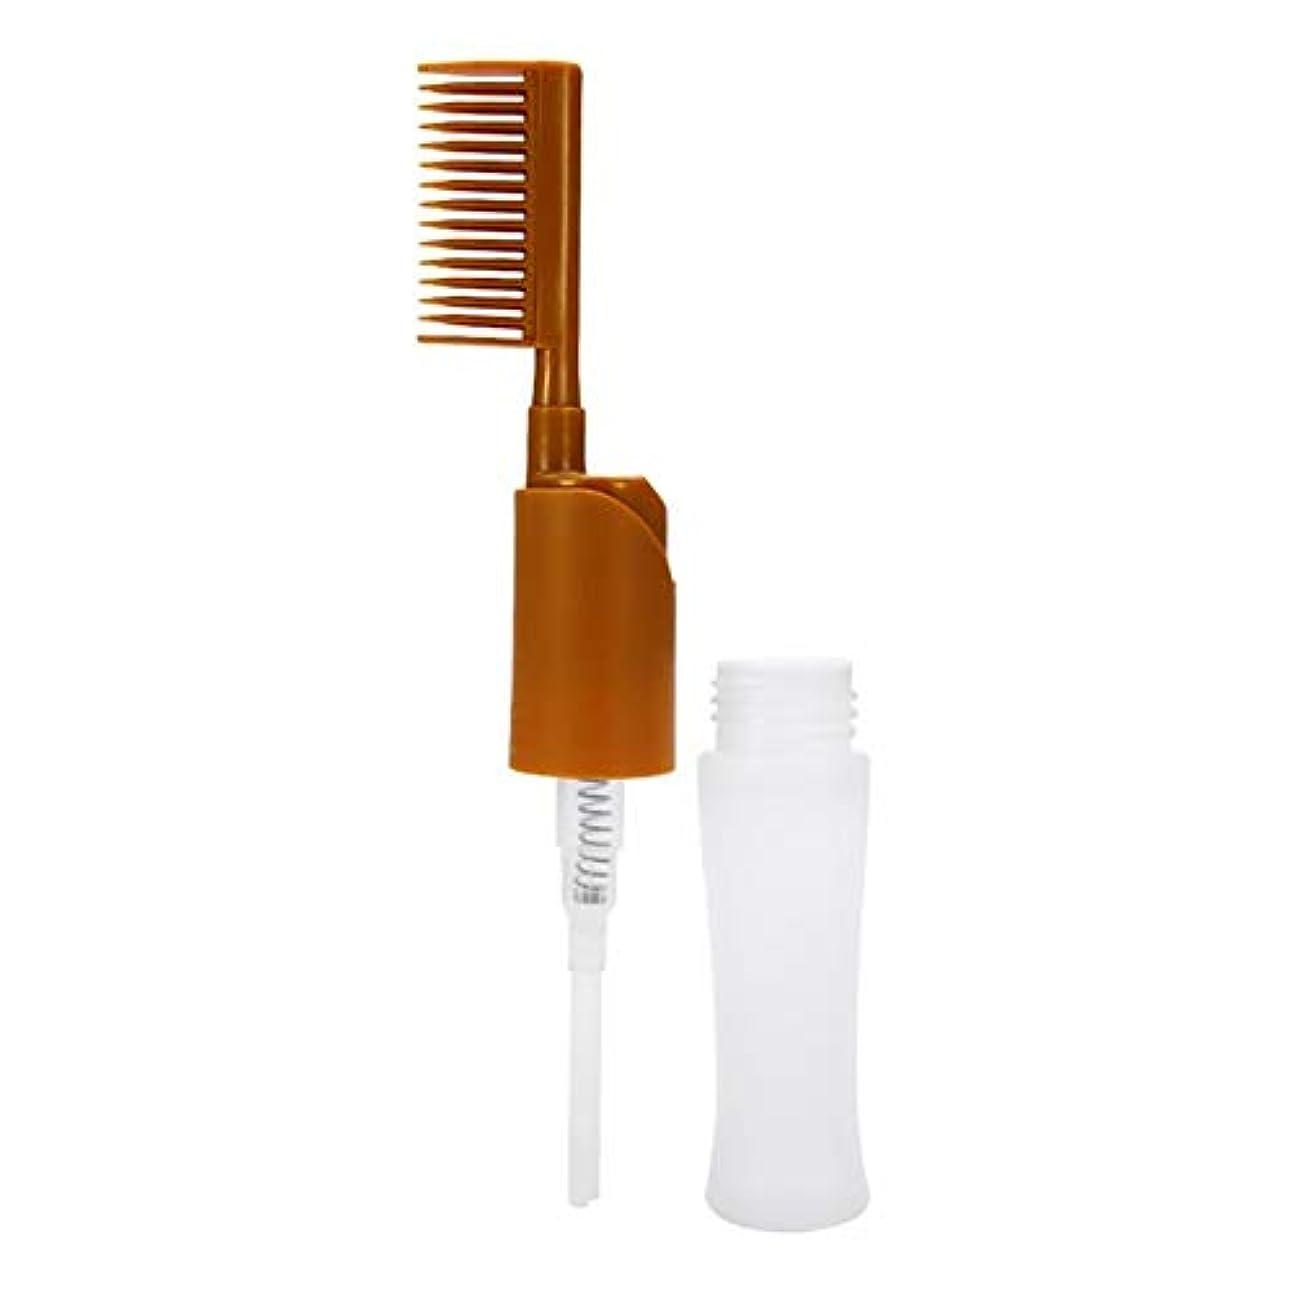 ペア学期フィラデルフィア櫛染毛の毛は、プロ型ディスペンサーボトル櫛毛染めアプリケータボトルスタイリングツールの美しさを染めます